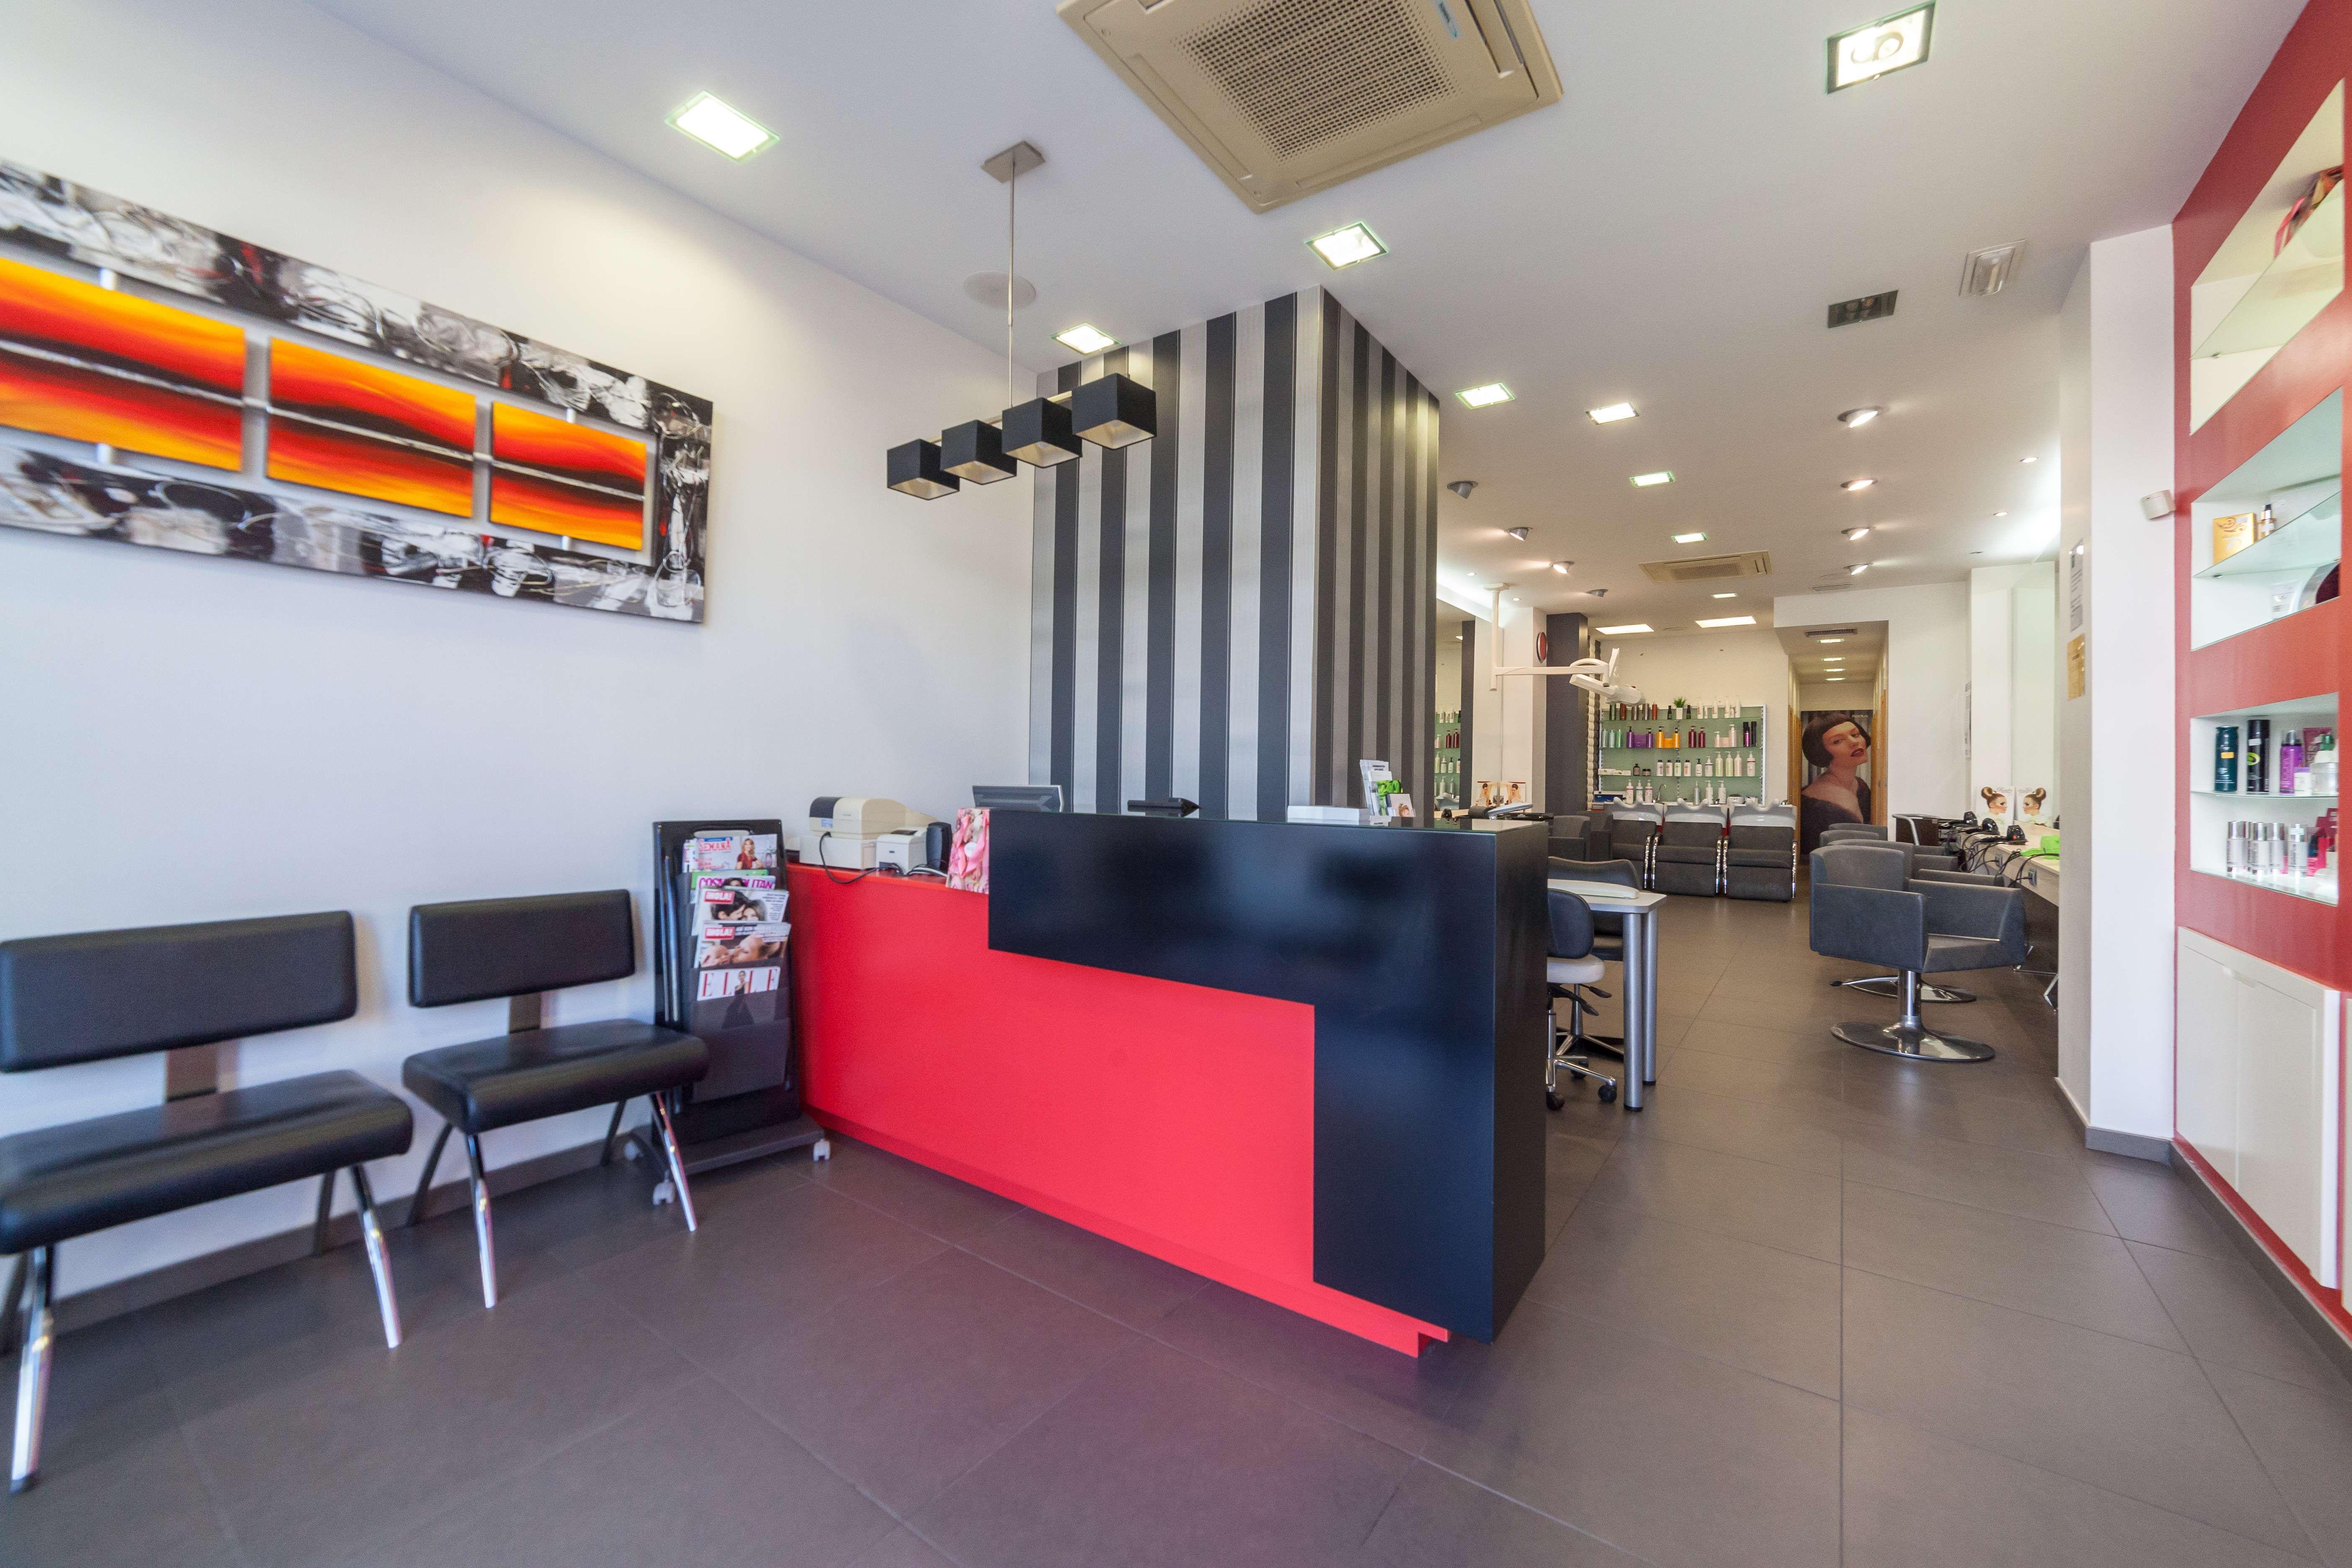 Centro de estética y peluquería Nuevo Estilo